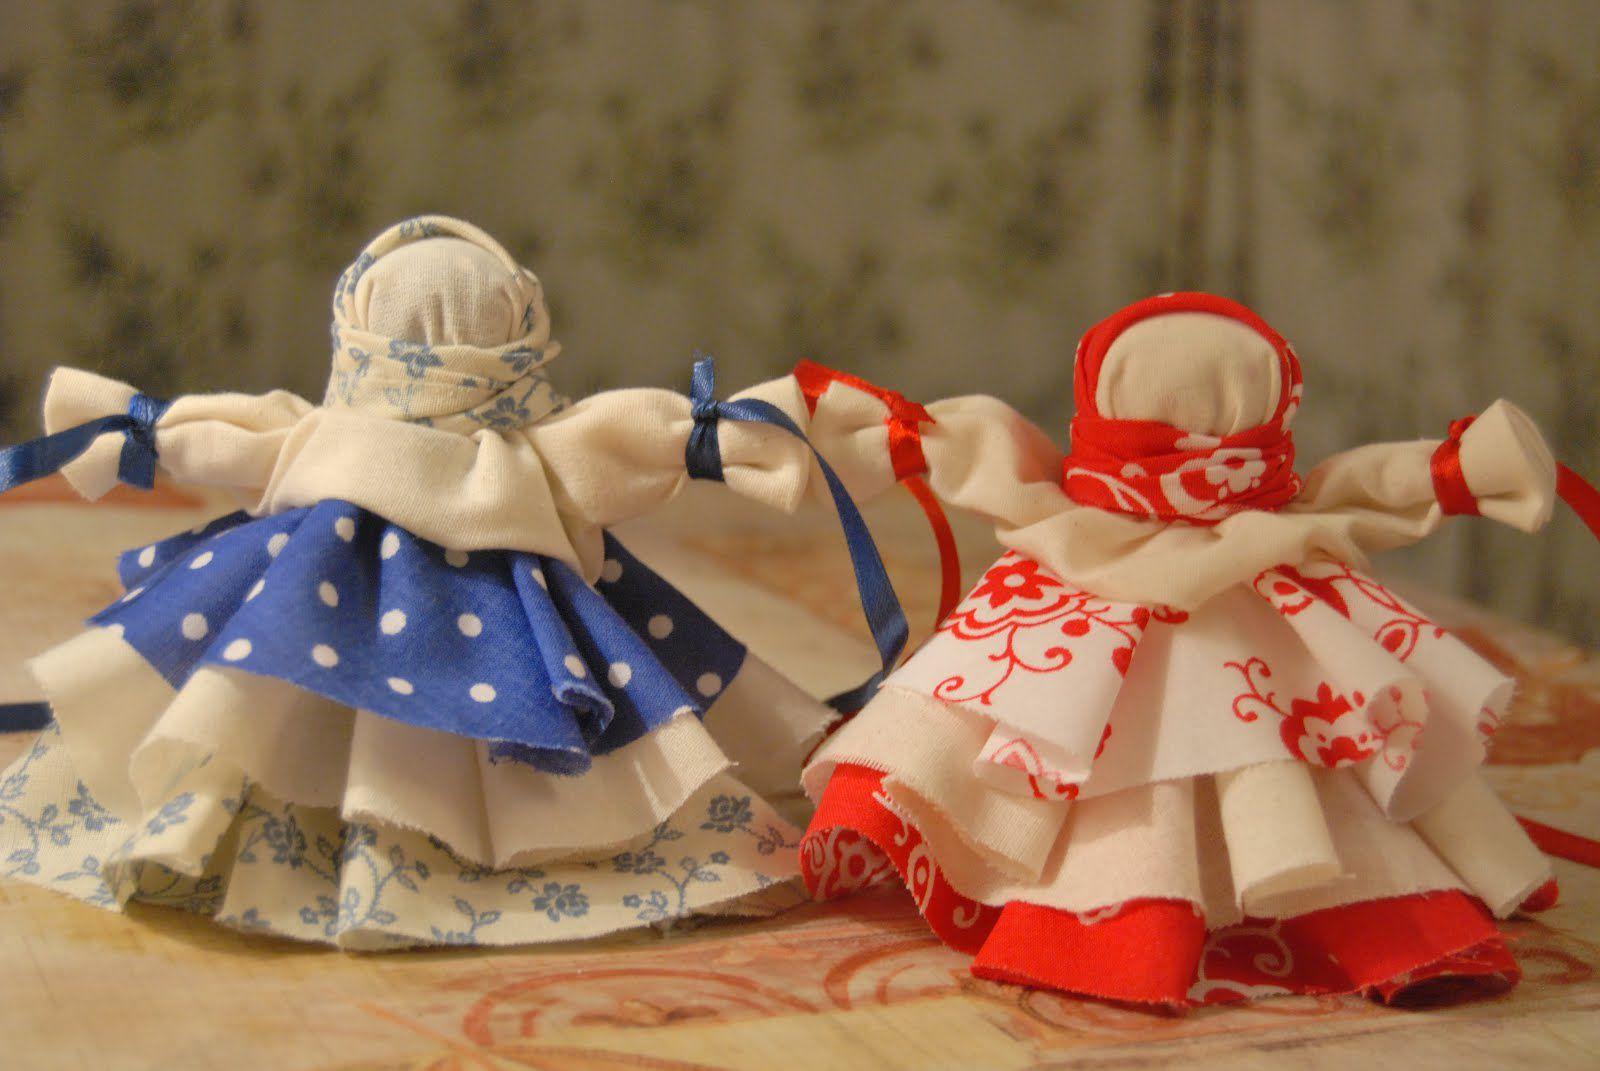 Čína bábika datovania HOTS nemôže vstúpiť do stavu dohazování zamknuté